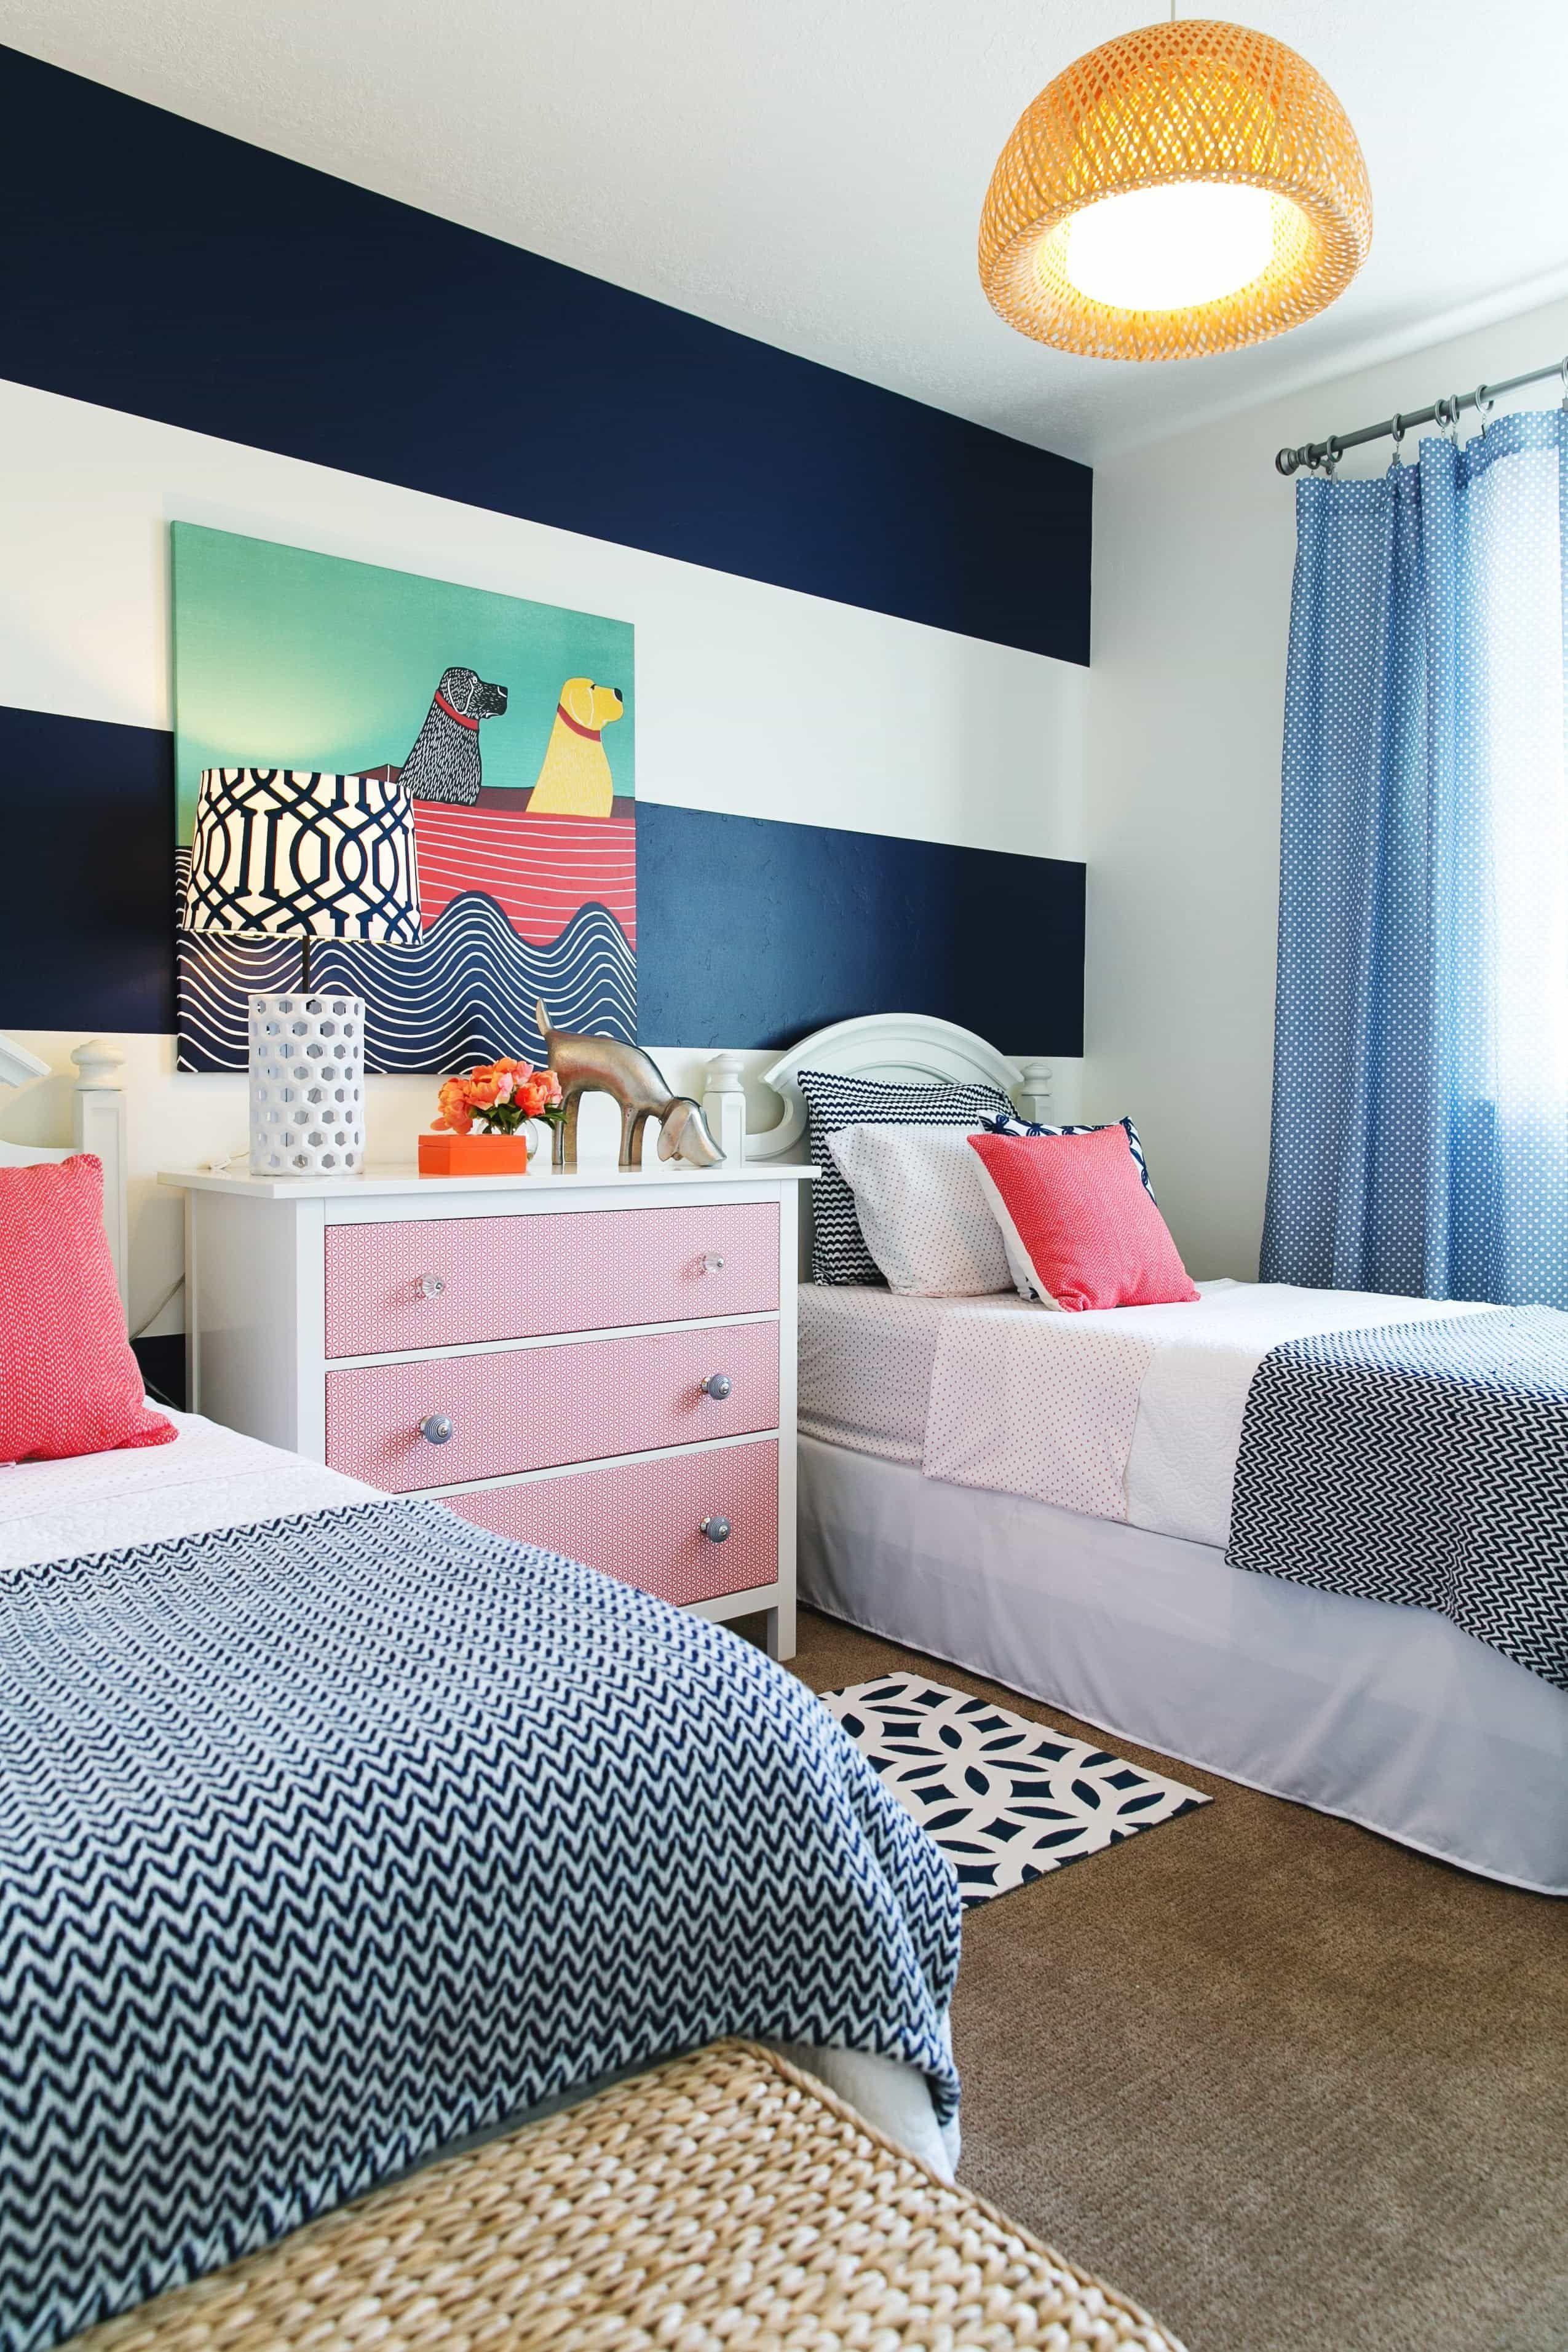 Einzel-schlafzimmer-wohndesign  besten kinder schlafzimmer design ideen schlafzimmer